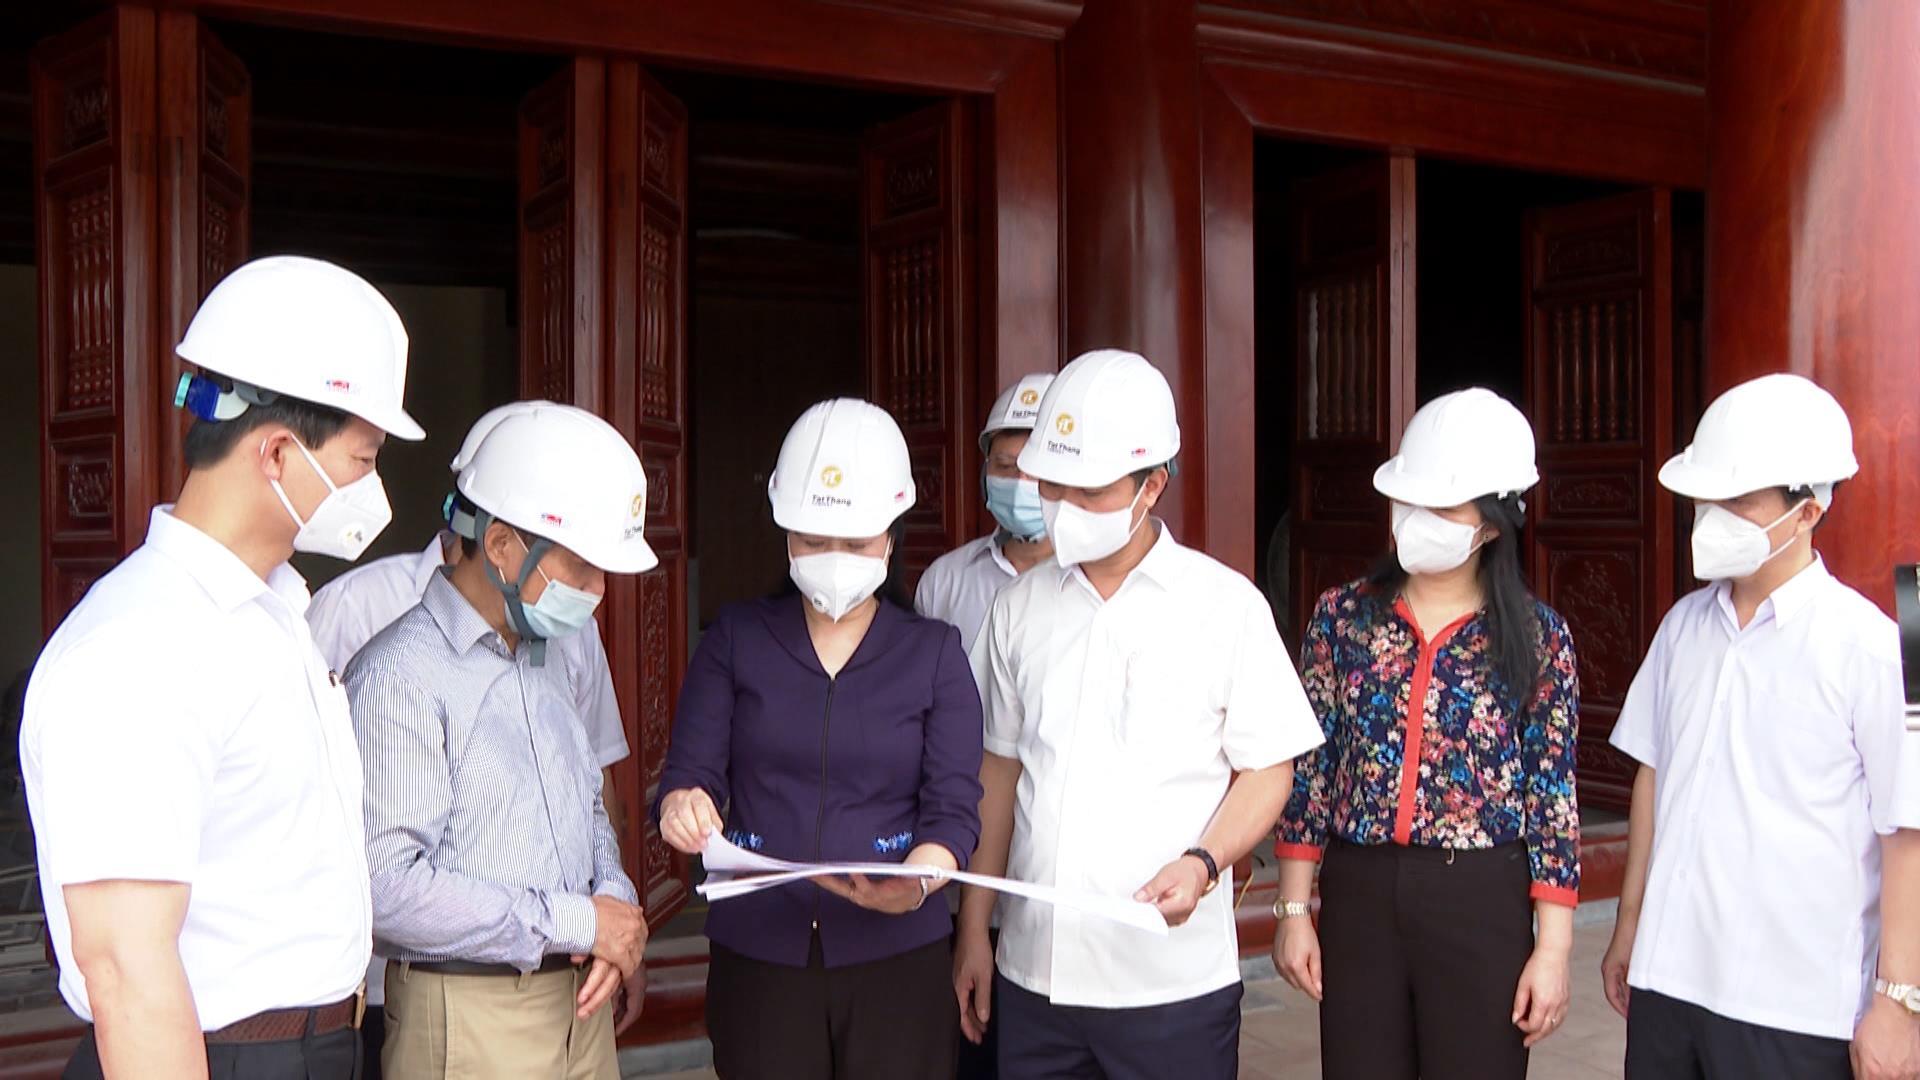 Bí thư Tỉnh ủy kiểm tra công tác chuẩn bị tổ chức Lễ kỷ niệm 100 năm Ngày sinh đồng chí Lê Quang Đạo